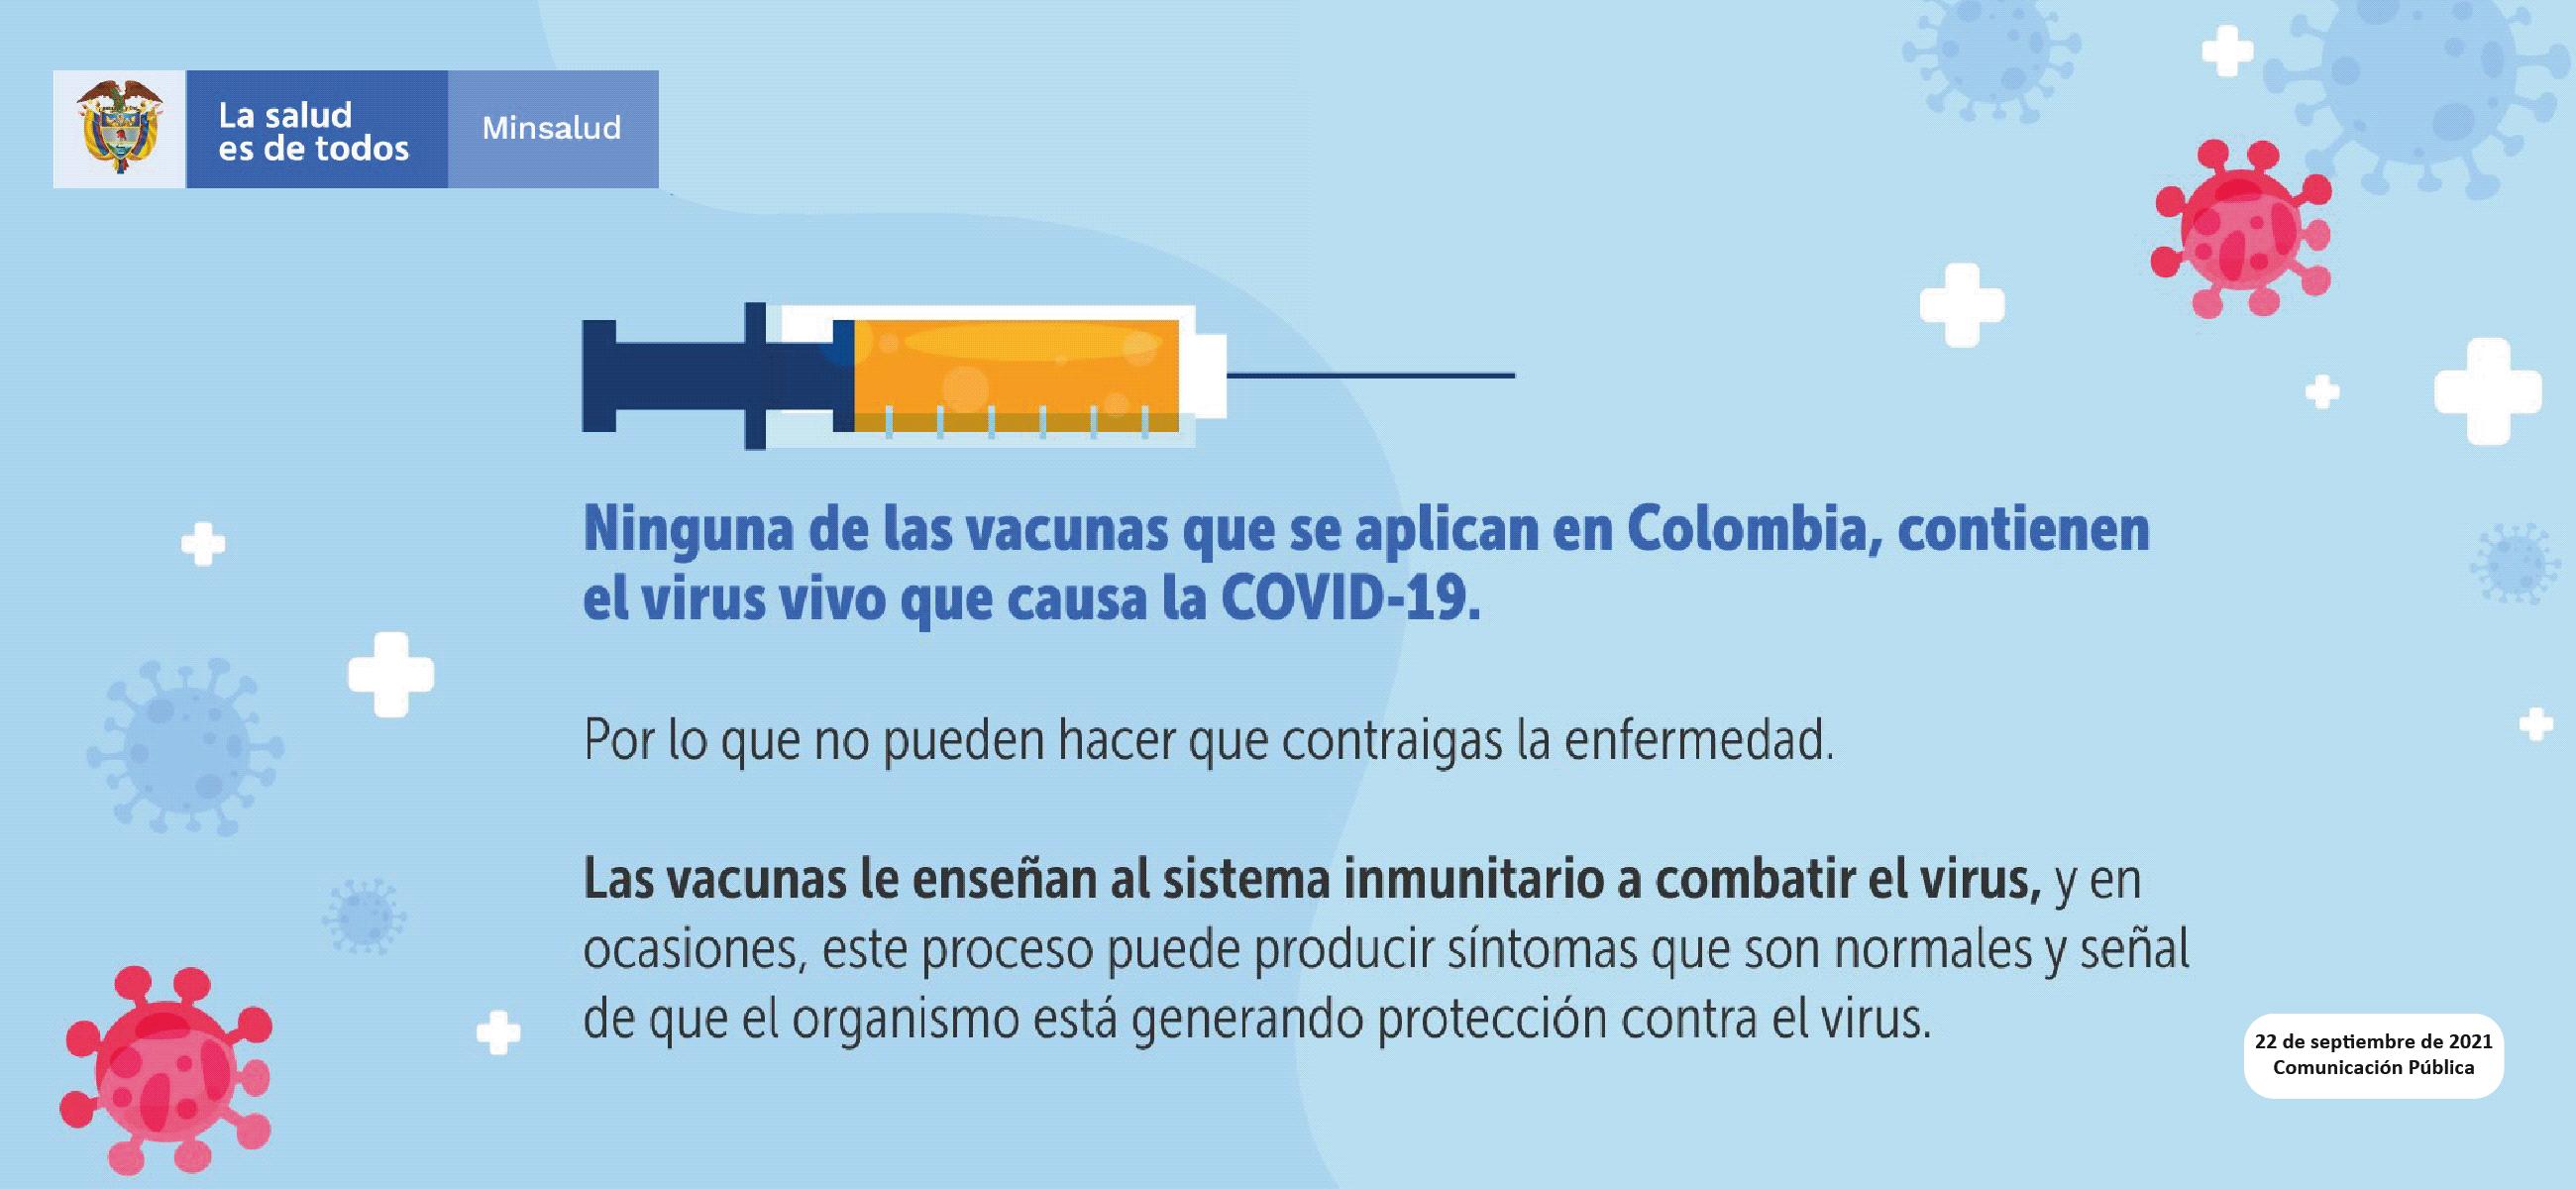 Un mito menos sobre la vacunación contra la COVID-19